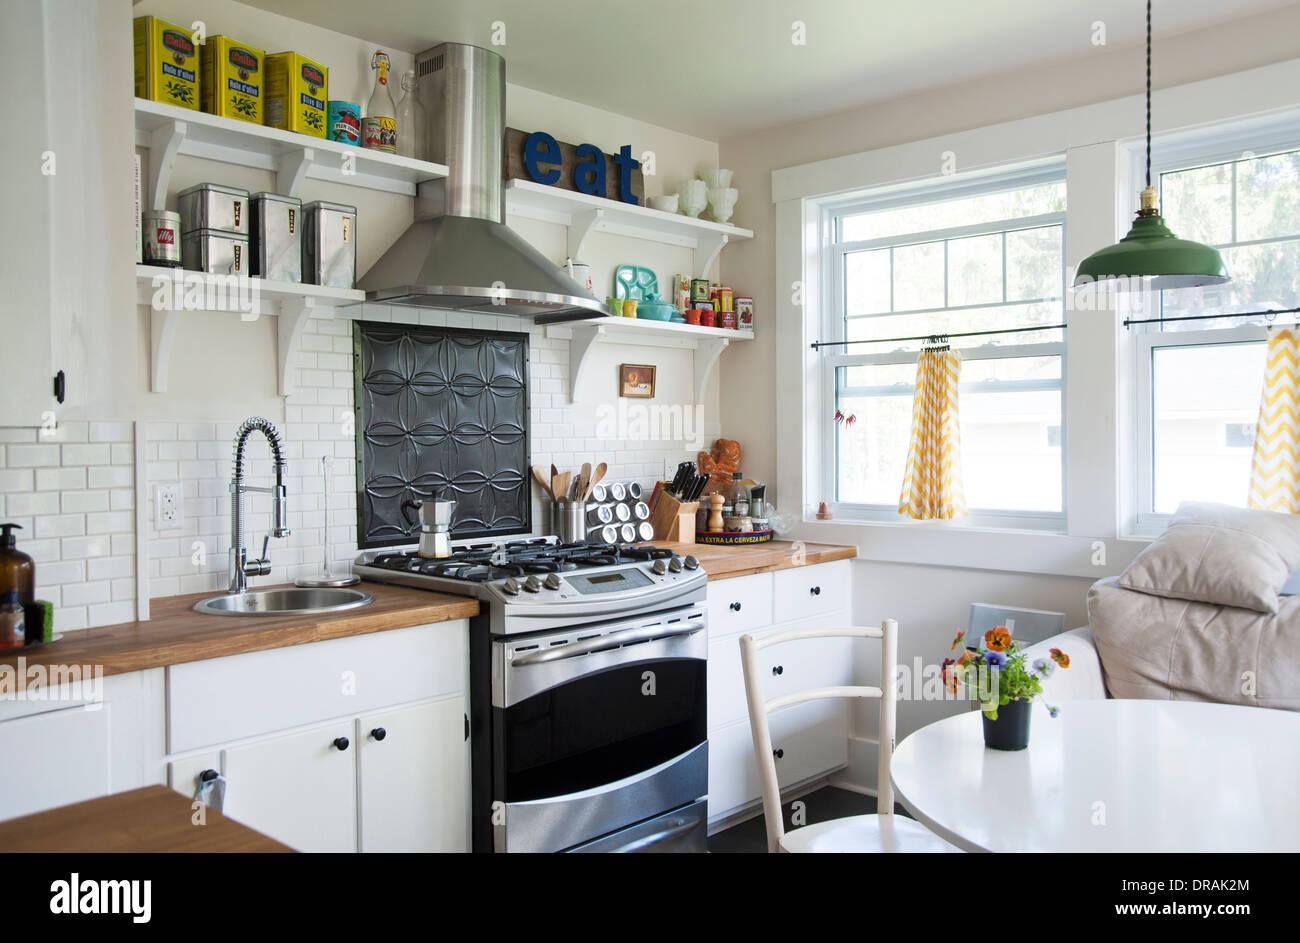 Luminoso e confortável estilo country cozinha Imagens de Stock